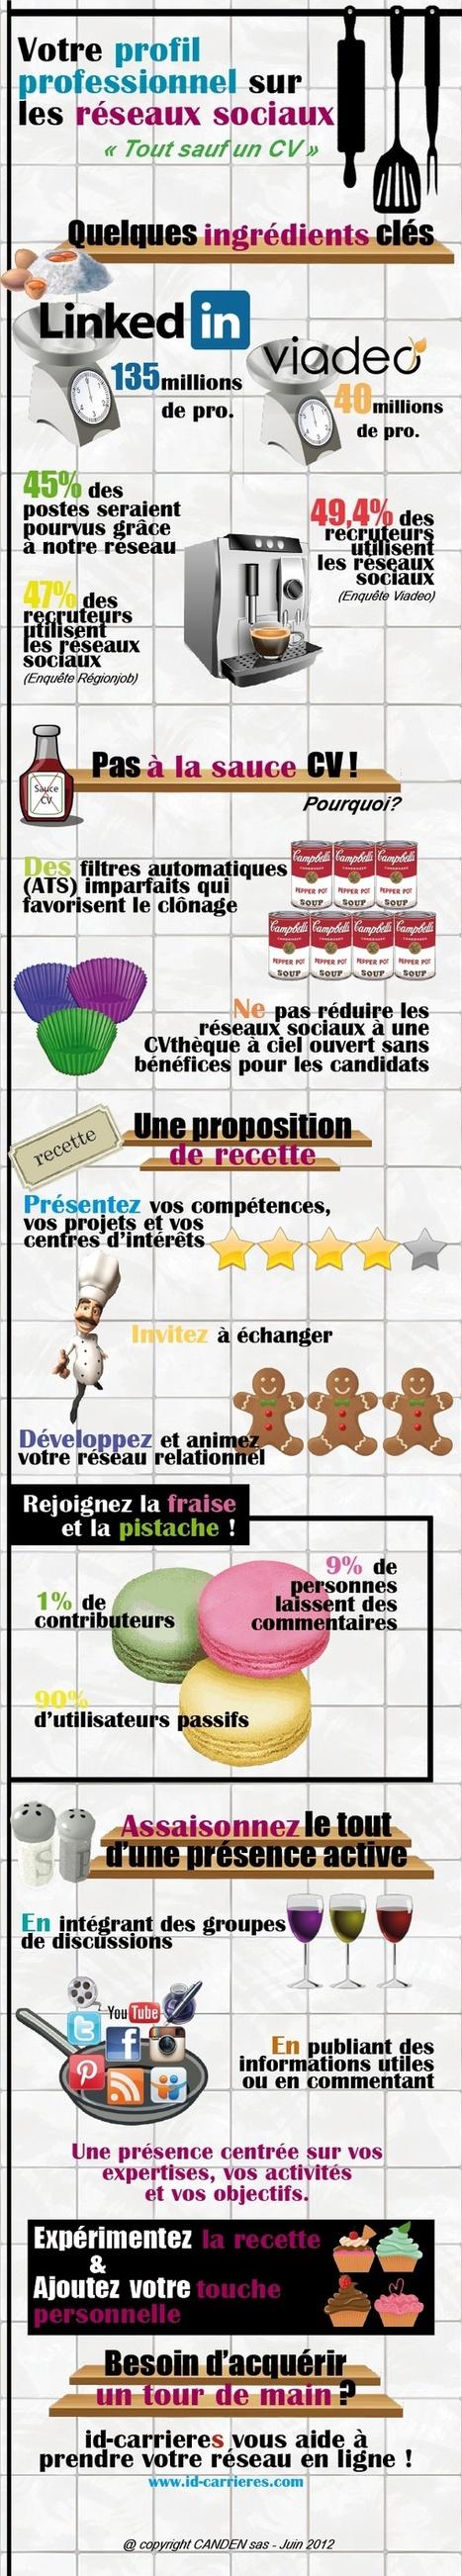 Réseaux sociaux, en images s'il vous plait!   Stratégie Digitale (Nine-Agency)   Scoop.it